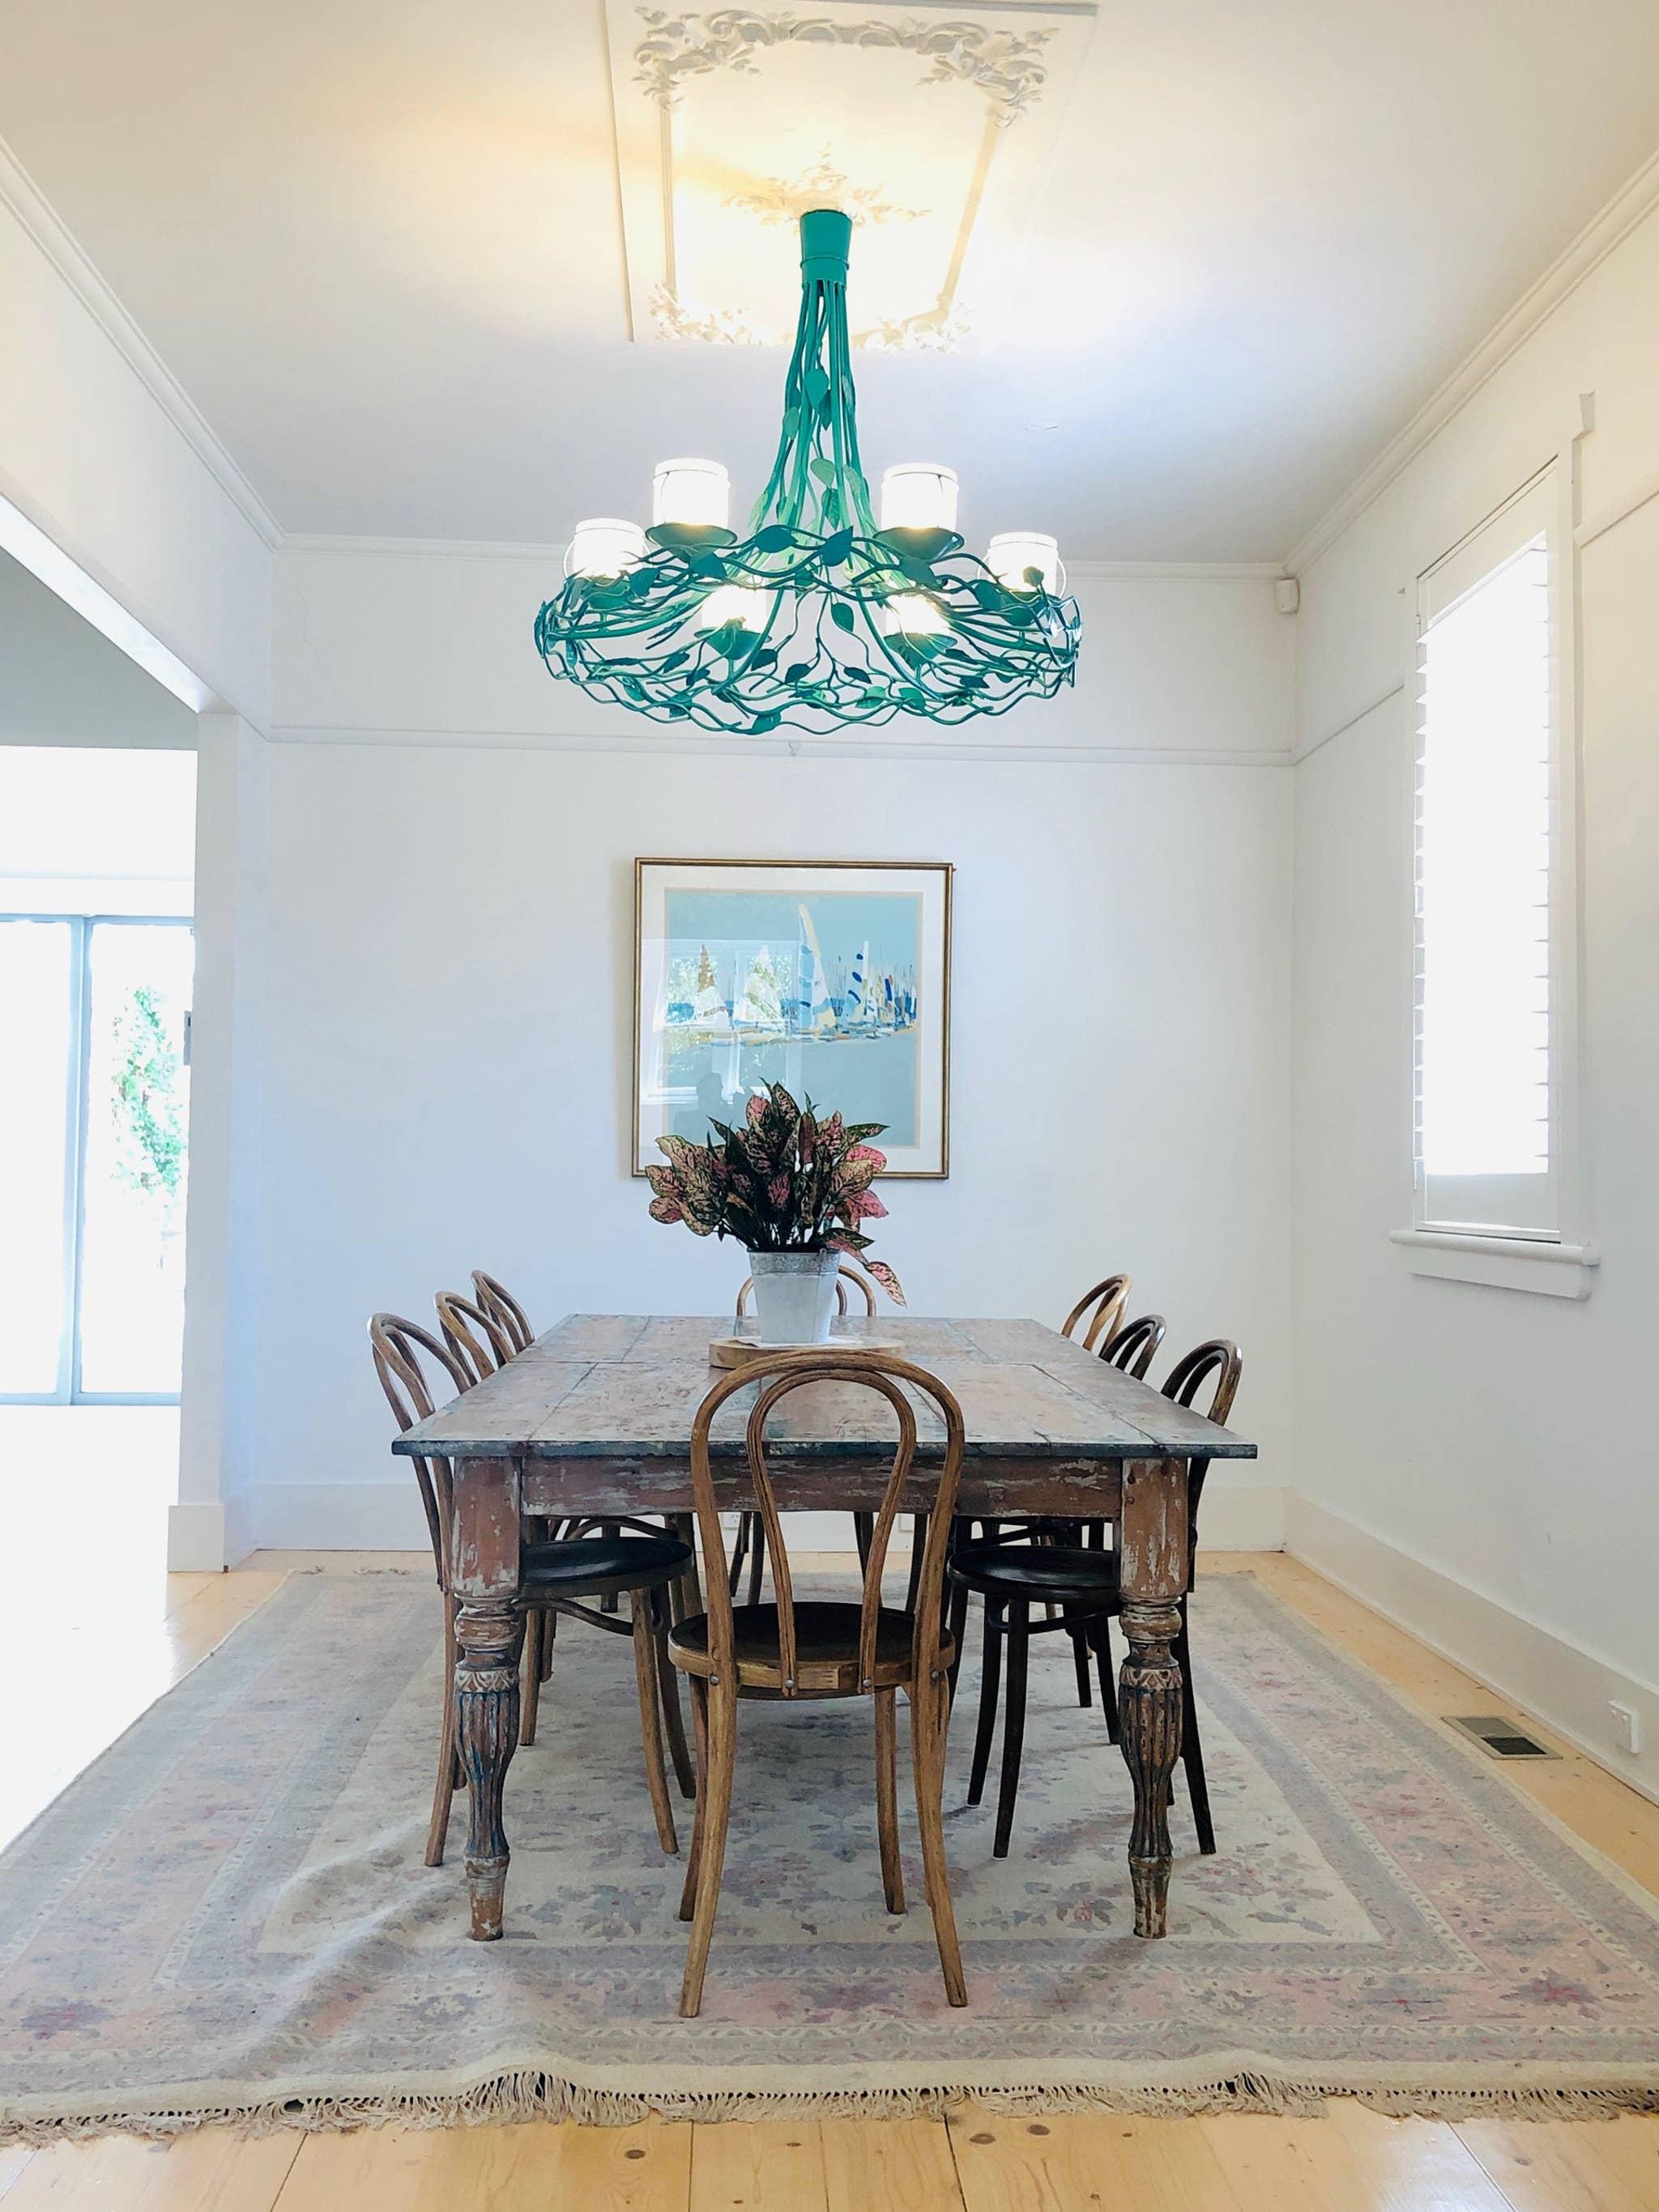 Ferienhaus  (2781792), Burwood, , Victoria, Australien, Bild 11